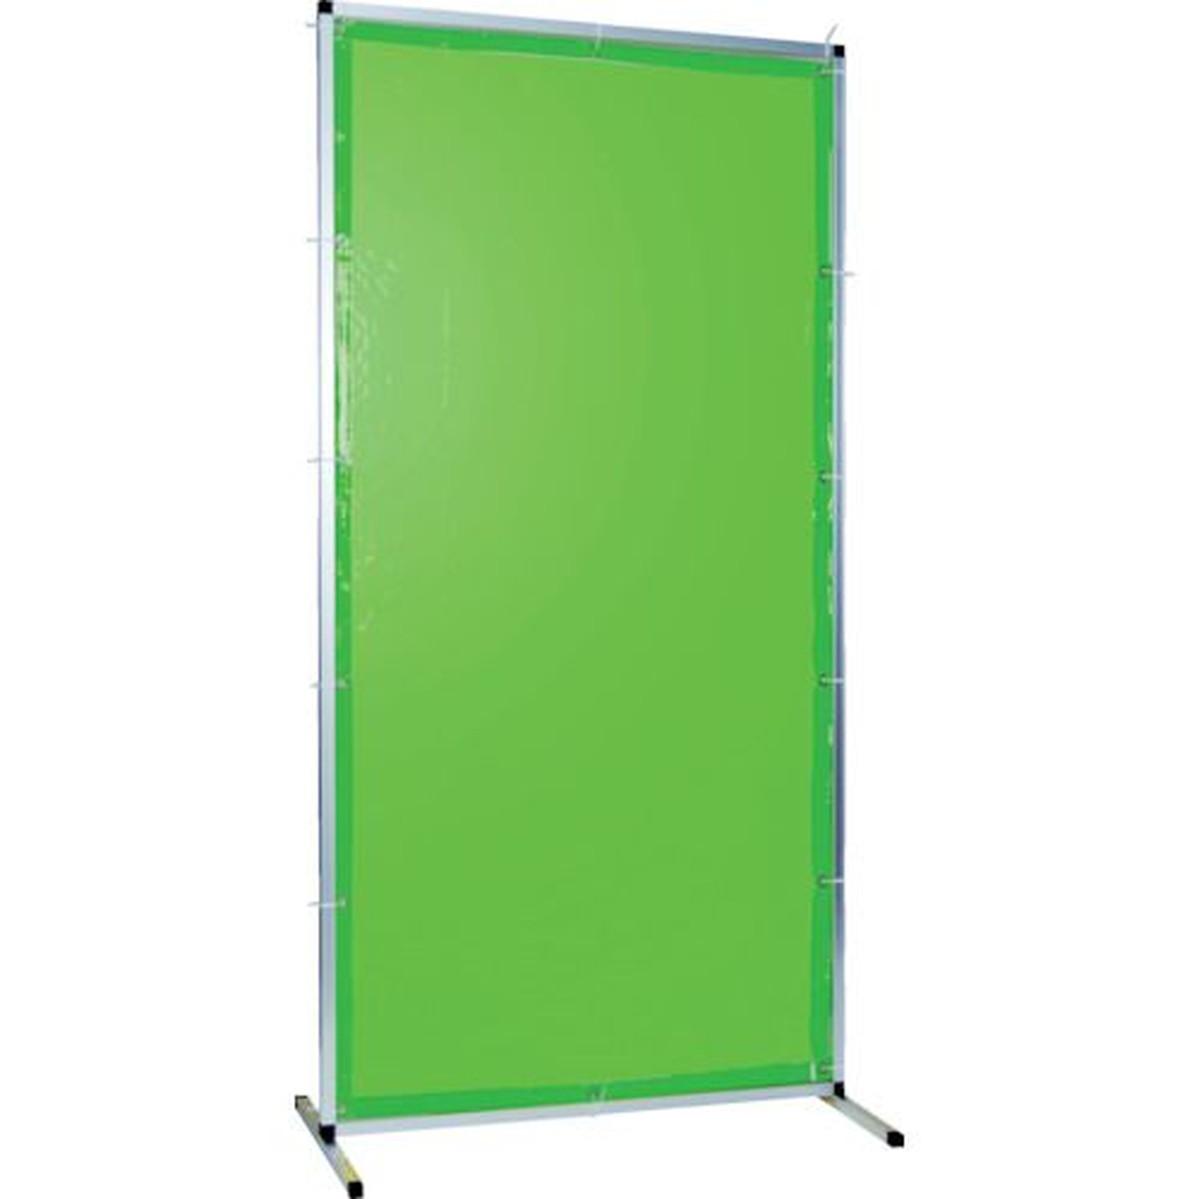 内祝い 日本限定 あす楽対応 DIY用品 TRUSCO 溶接用遮光フェンス アルミ製 1台 グリーン W1000XH1500